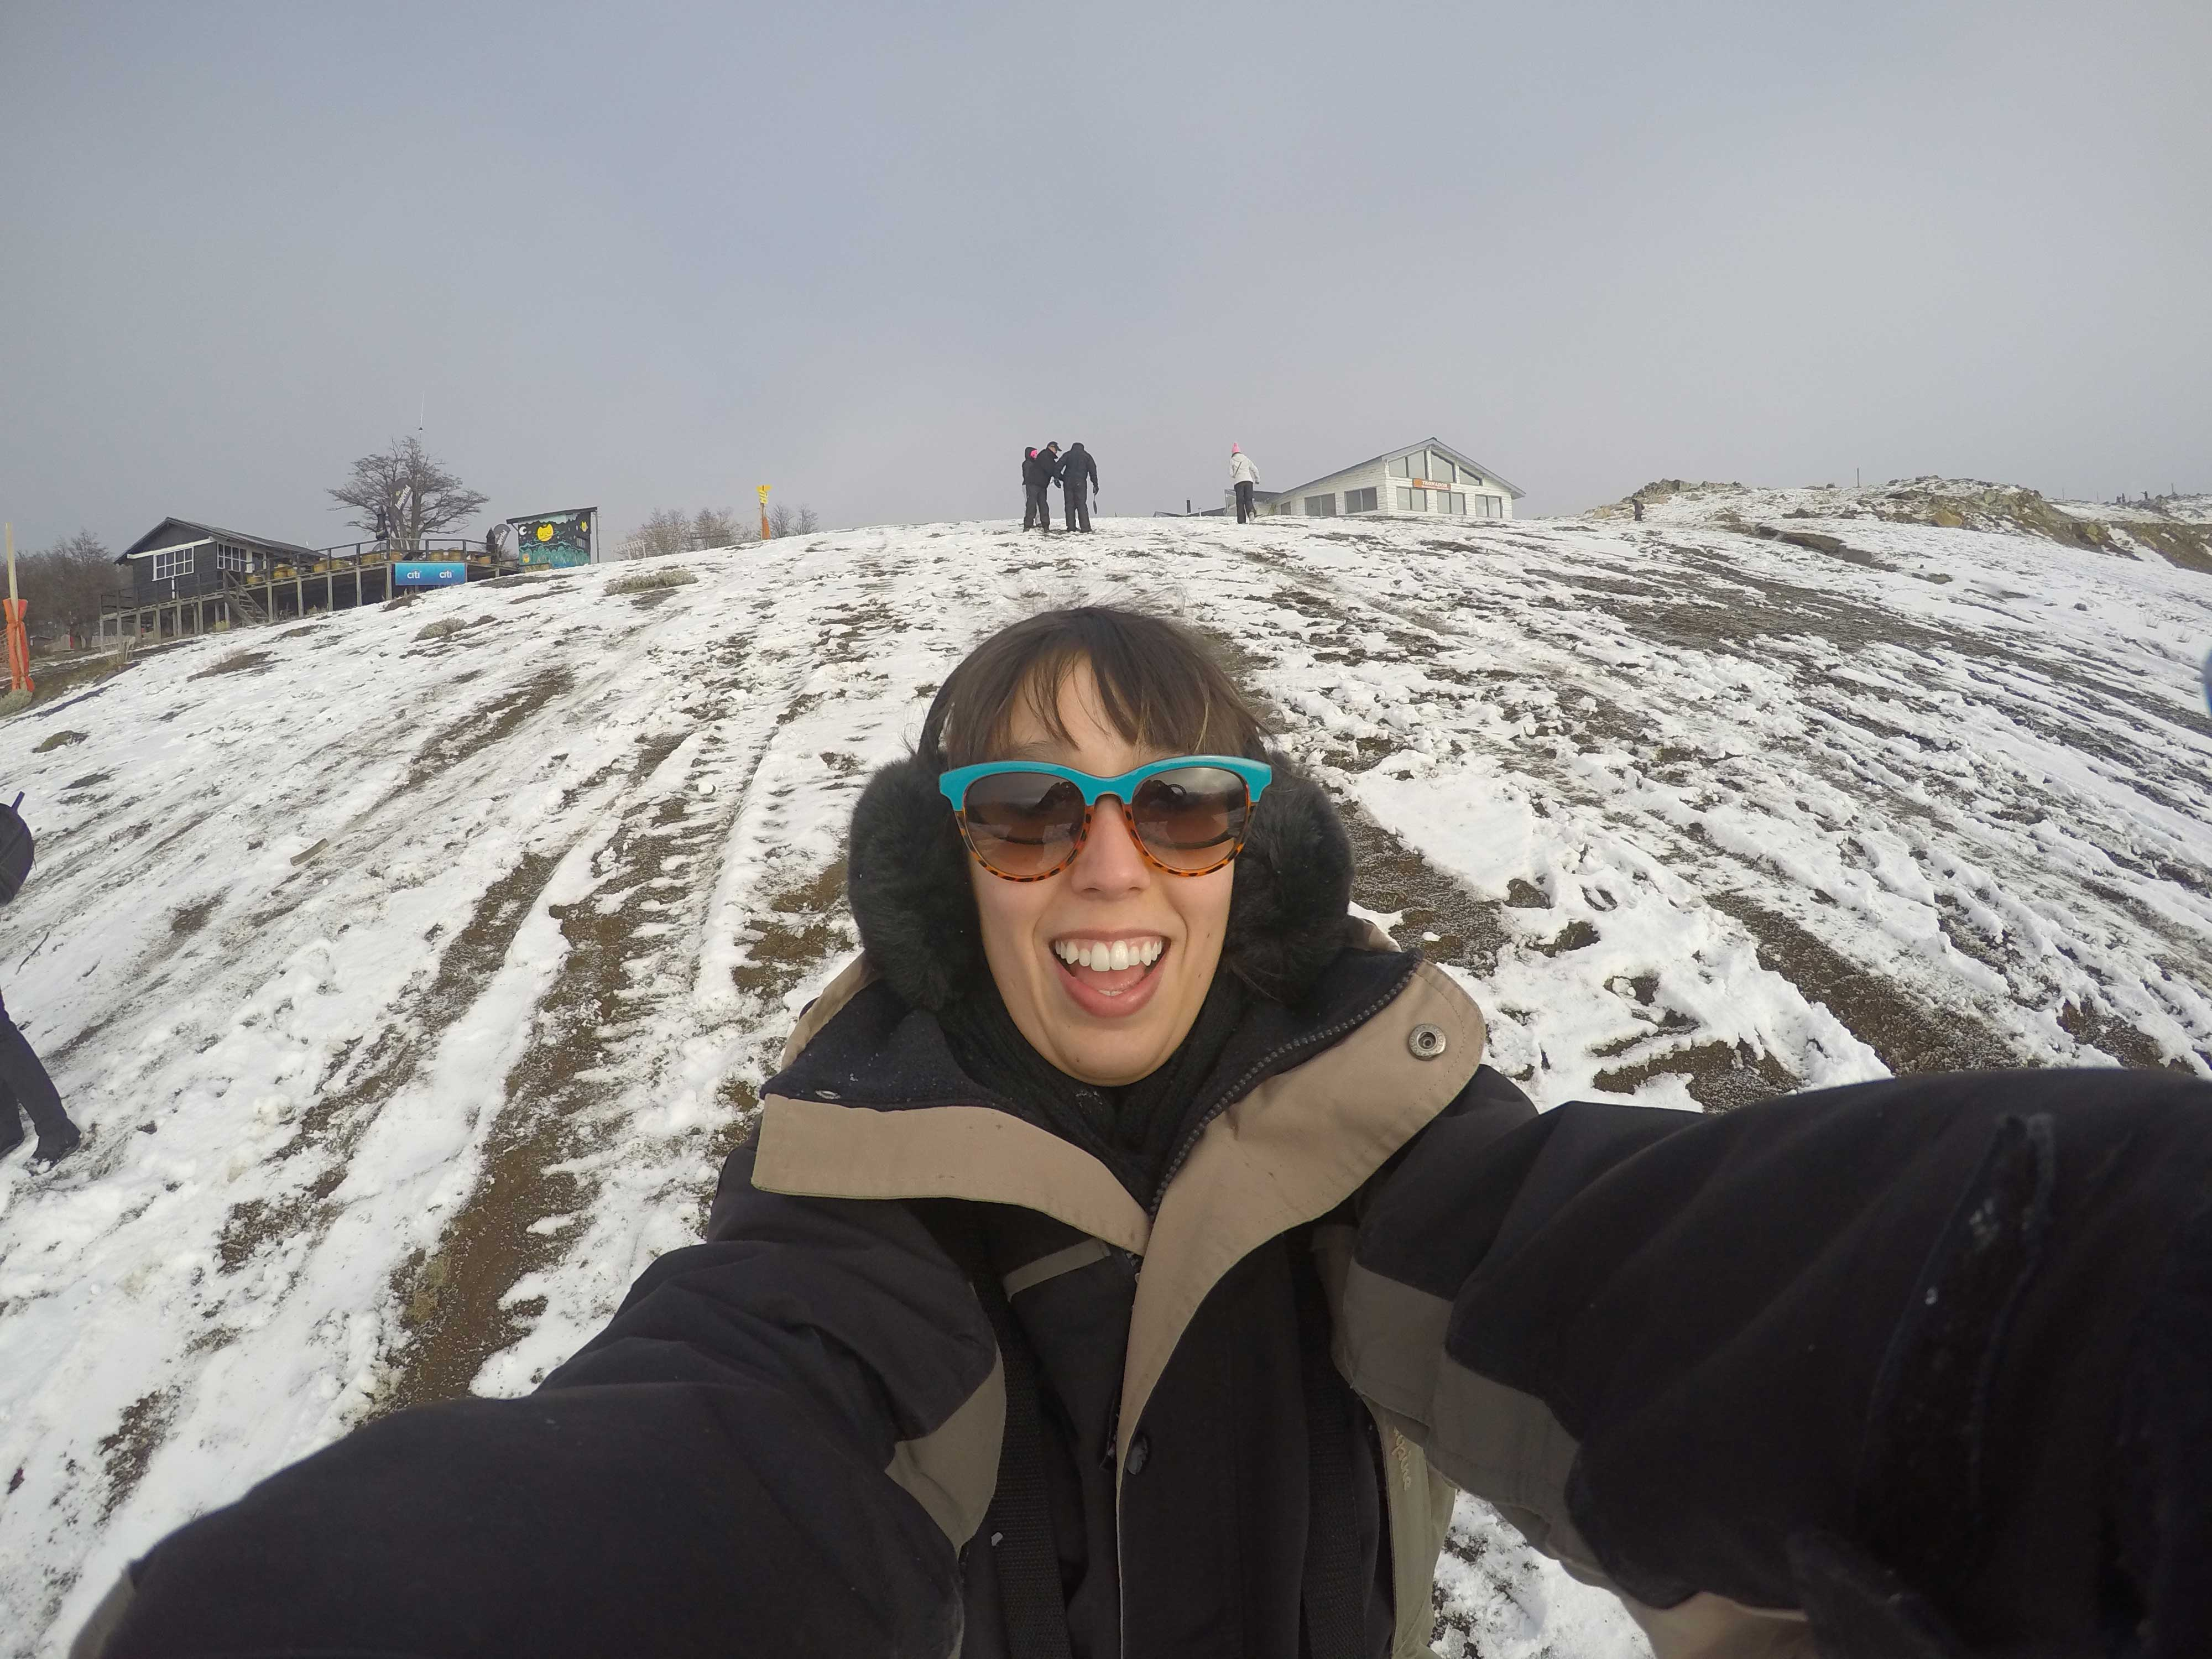 Cerro Bayo onde andei de skibunda, já com bastante neve